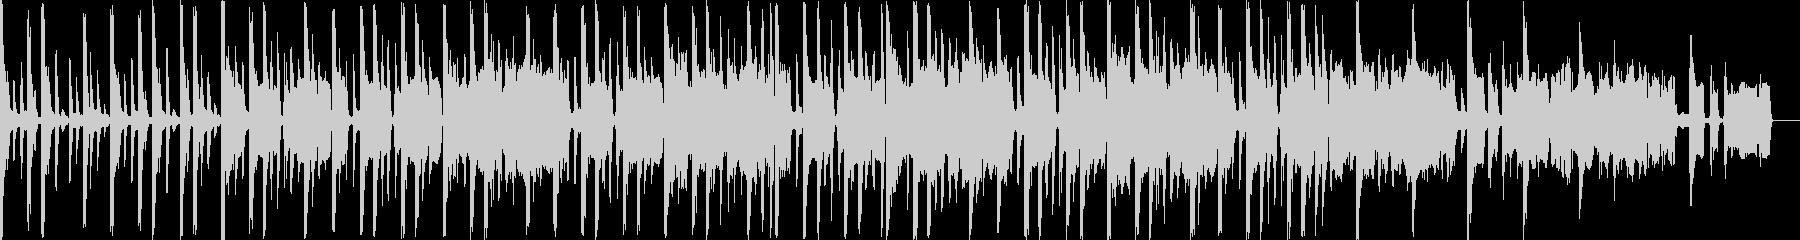 エレクトリックなジングル向け曲の未再生の波形